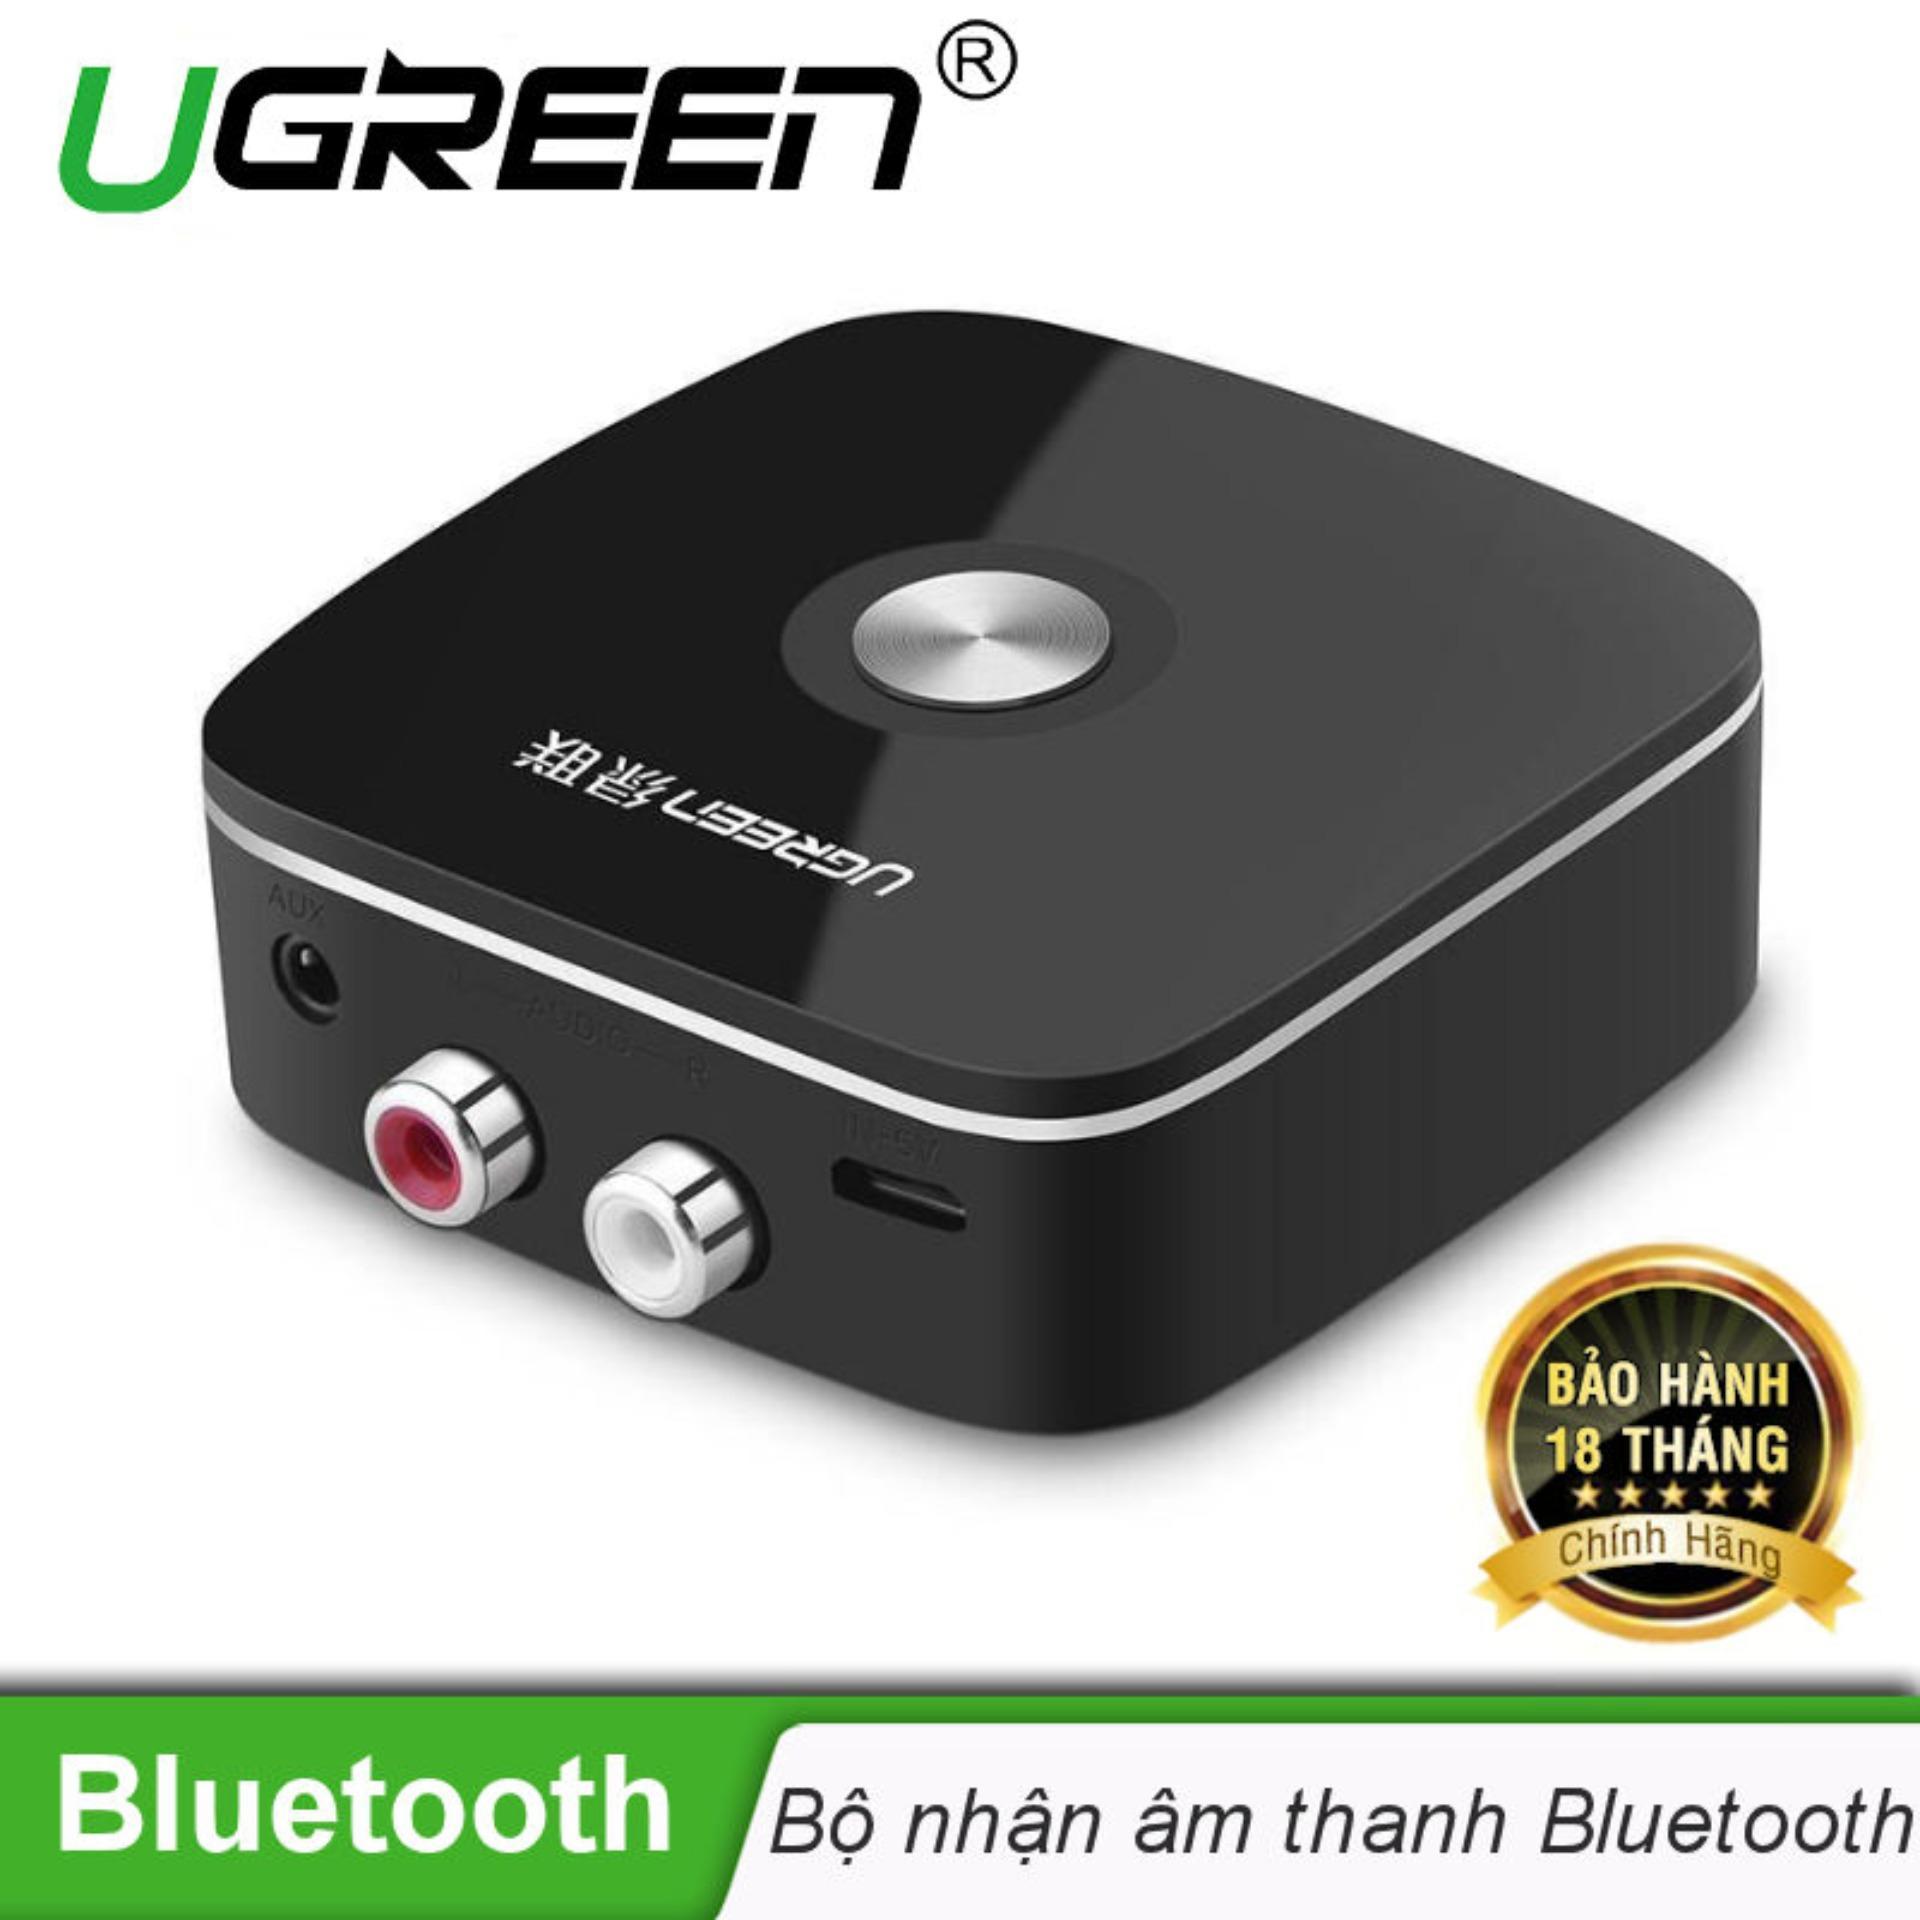 Mua Bộ nhận âm thanh Bluetooth đầu ra 3,5mm + 2 đầu RCA UGREEN 30445 – Hãng phân phối chính thức ở đâu tốt?